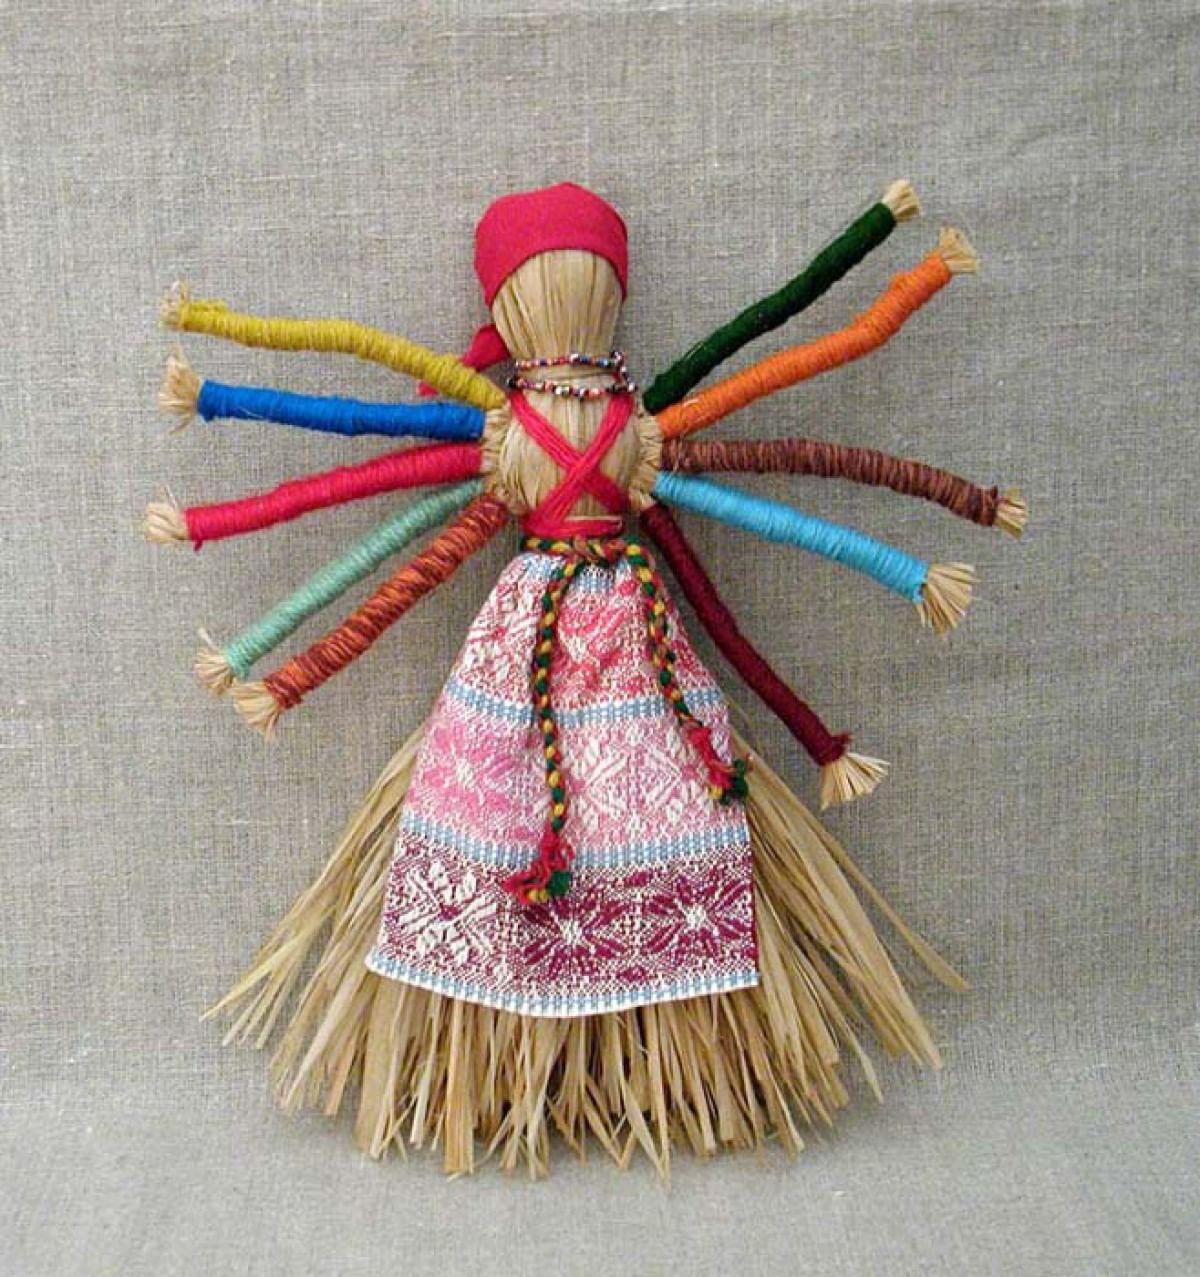 Куклы-обереги из соломы